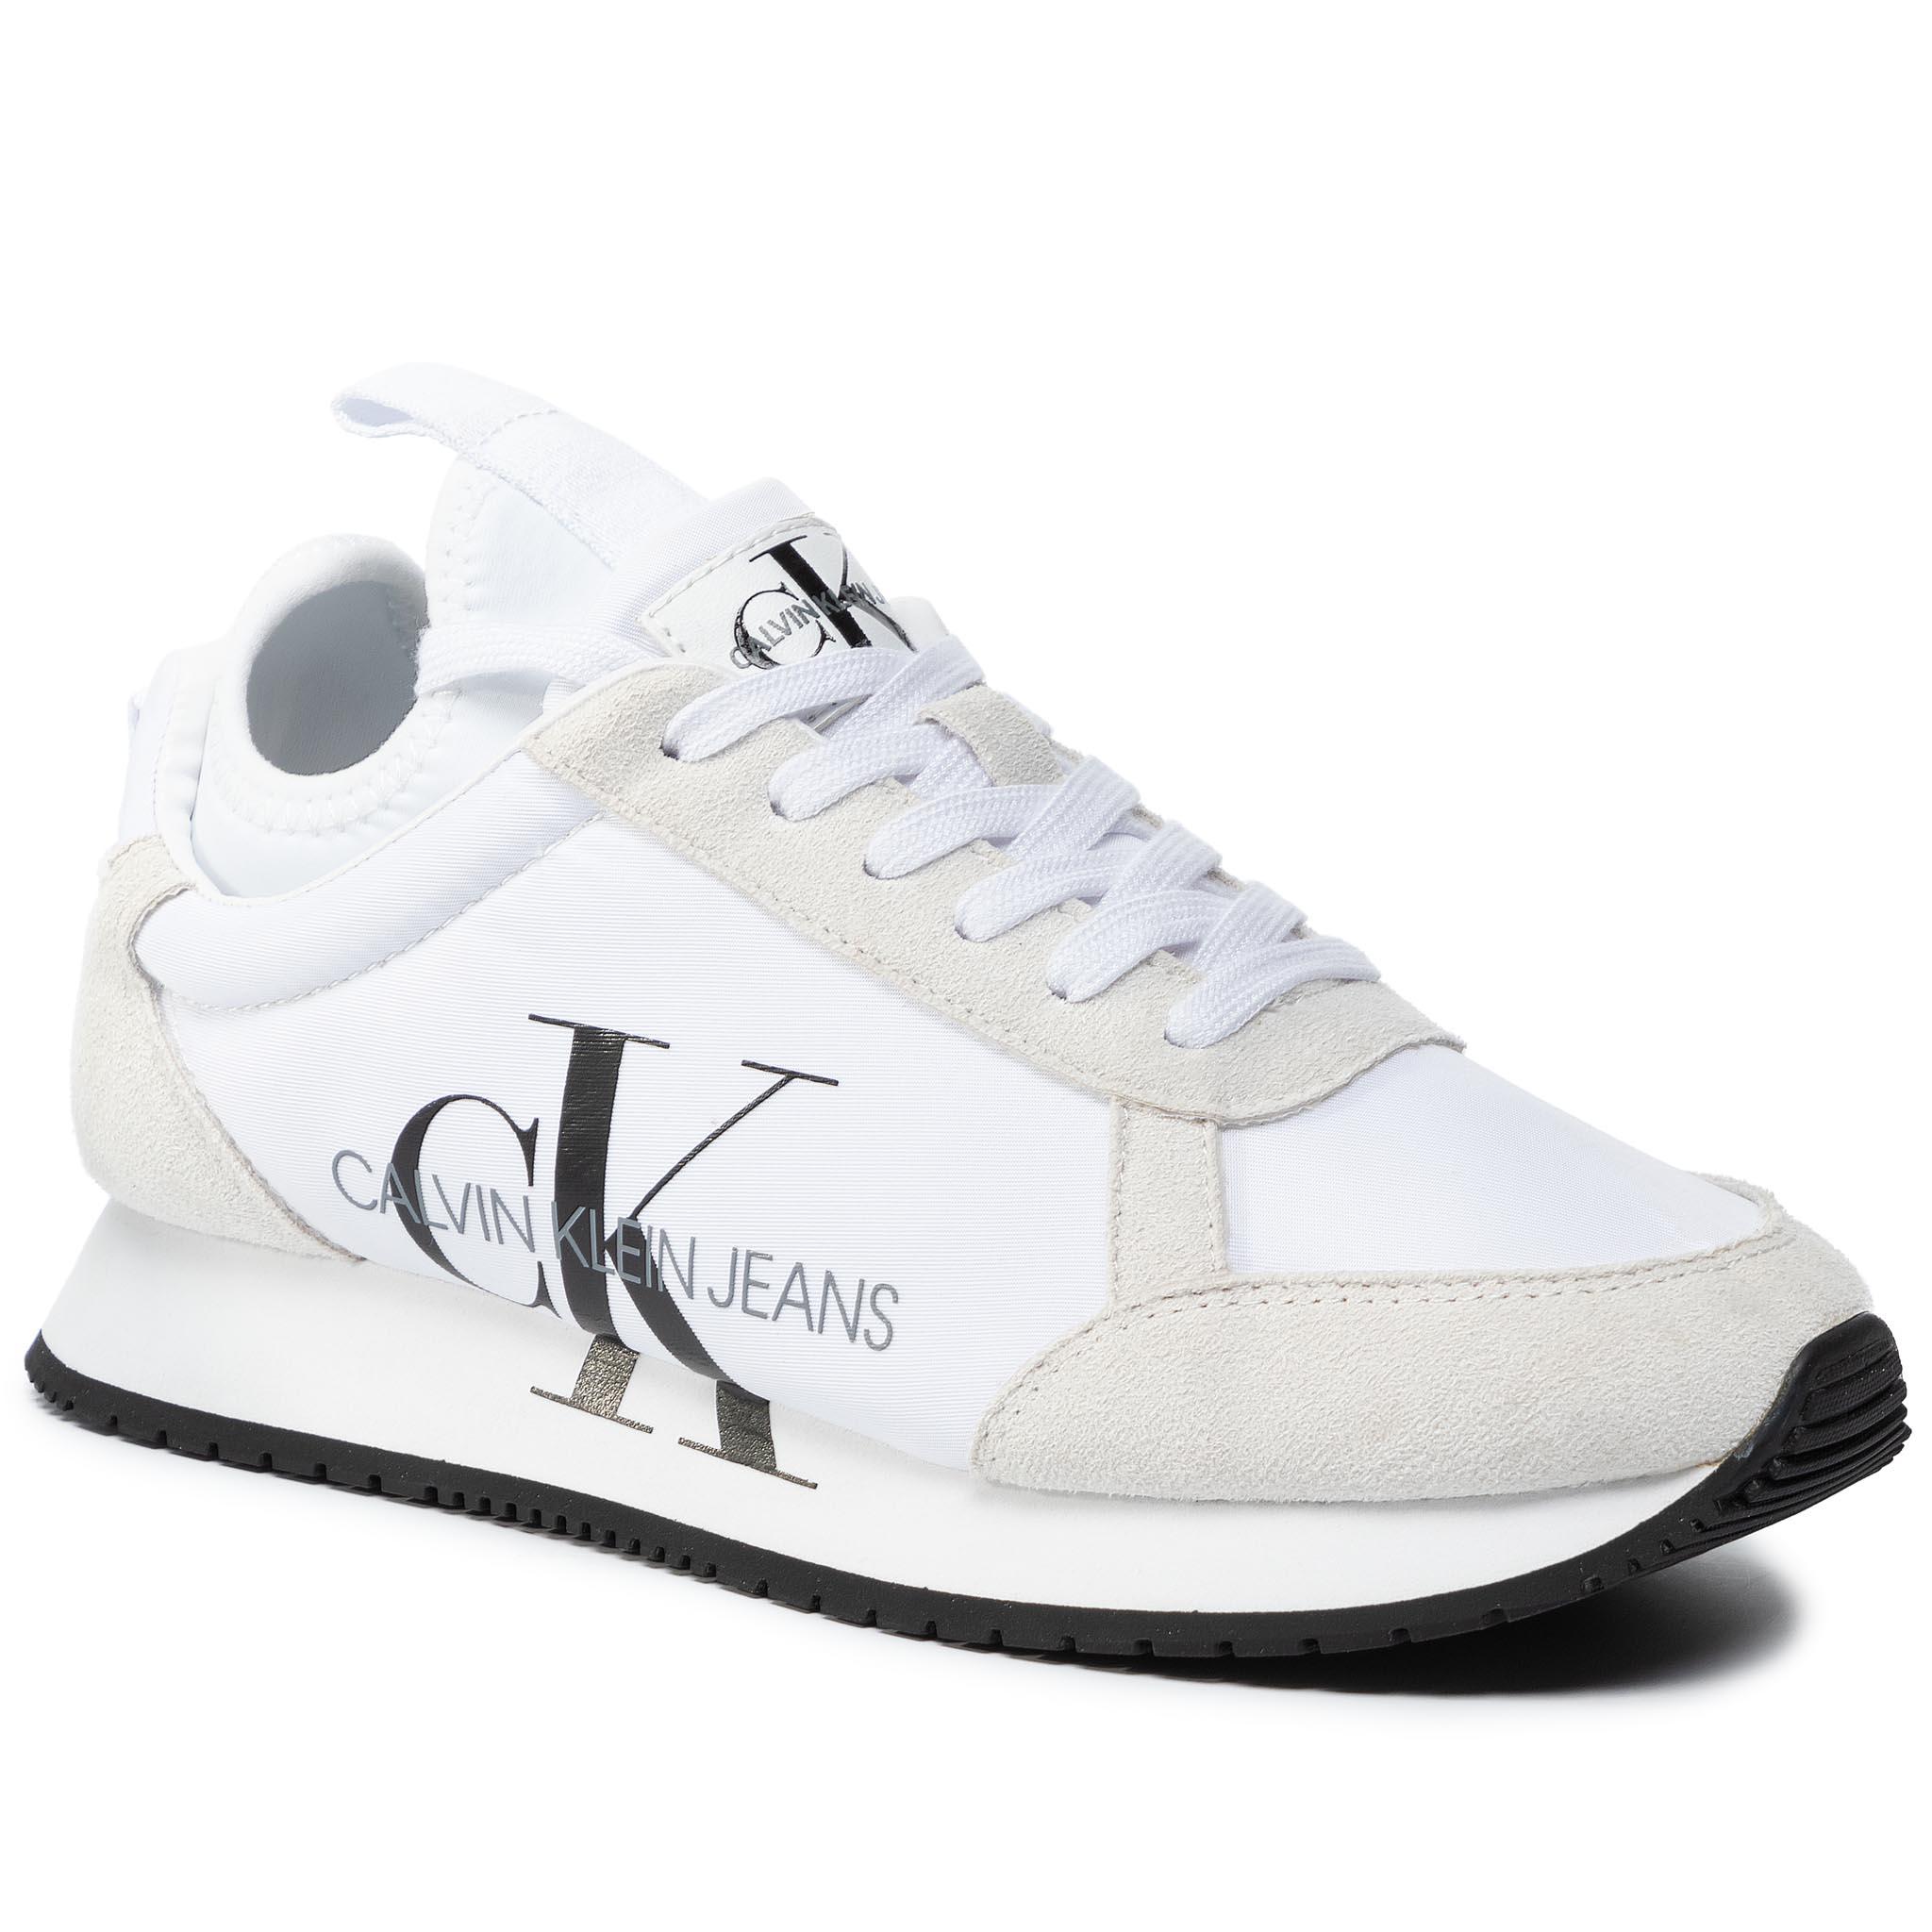 Sneakers CALVIN KLEIN JEANS - Josslyn B4R0825 White